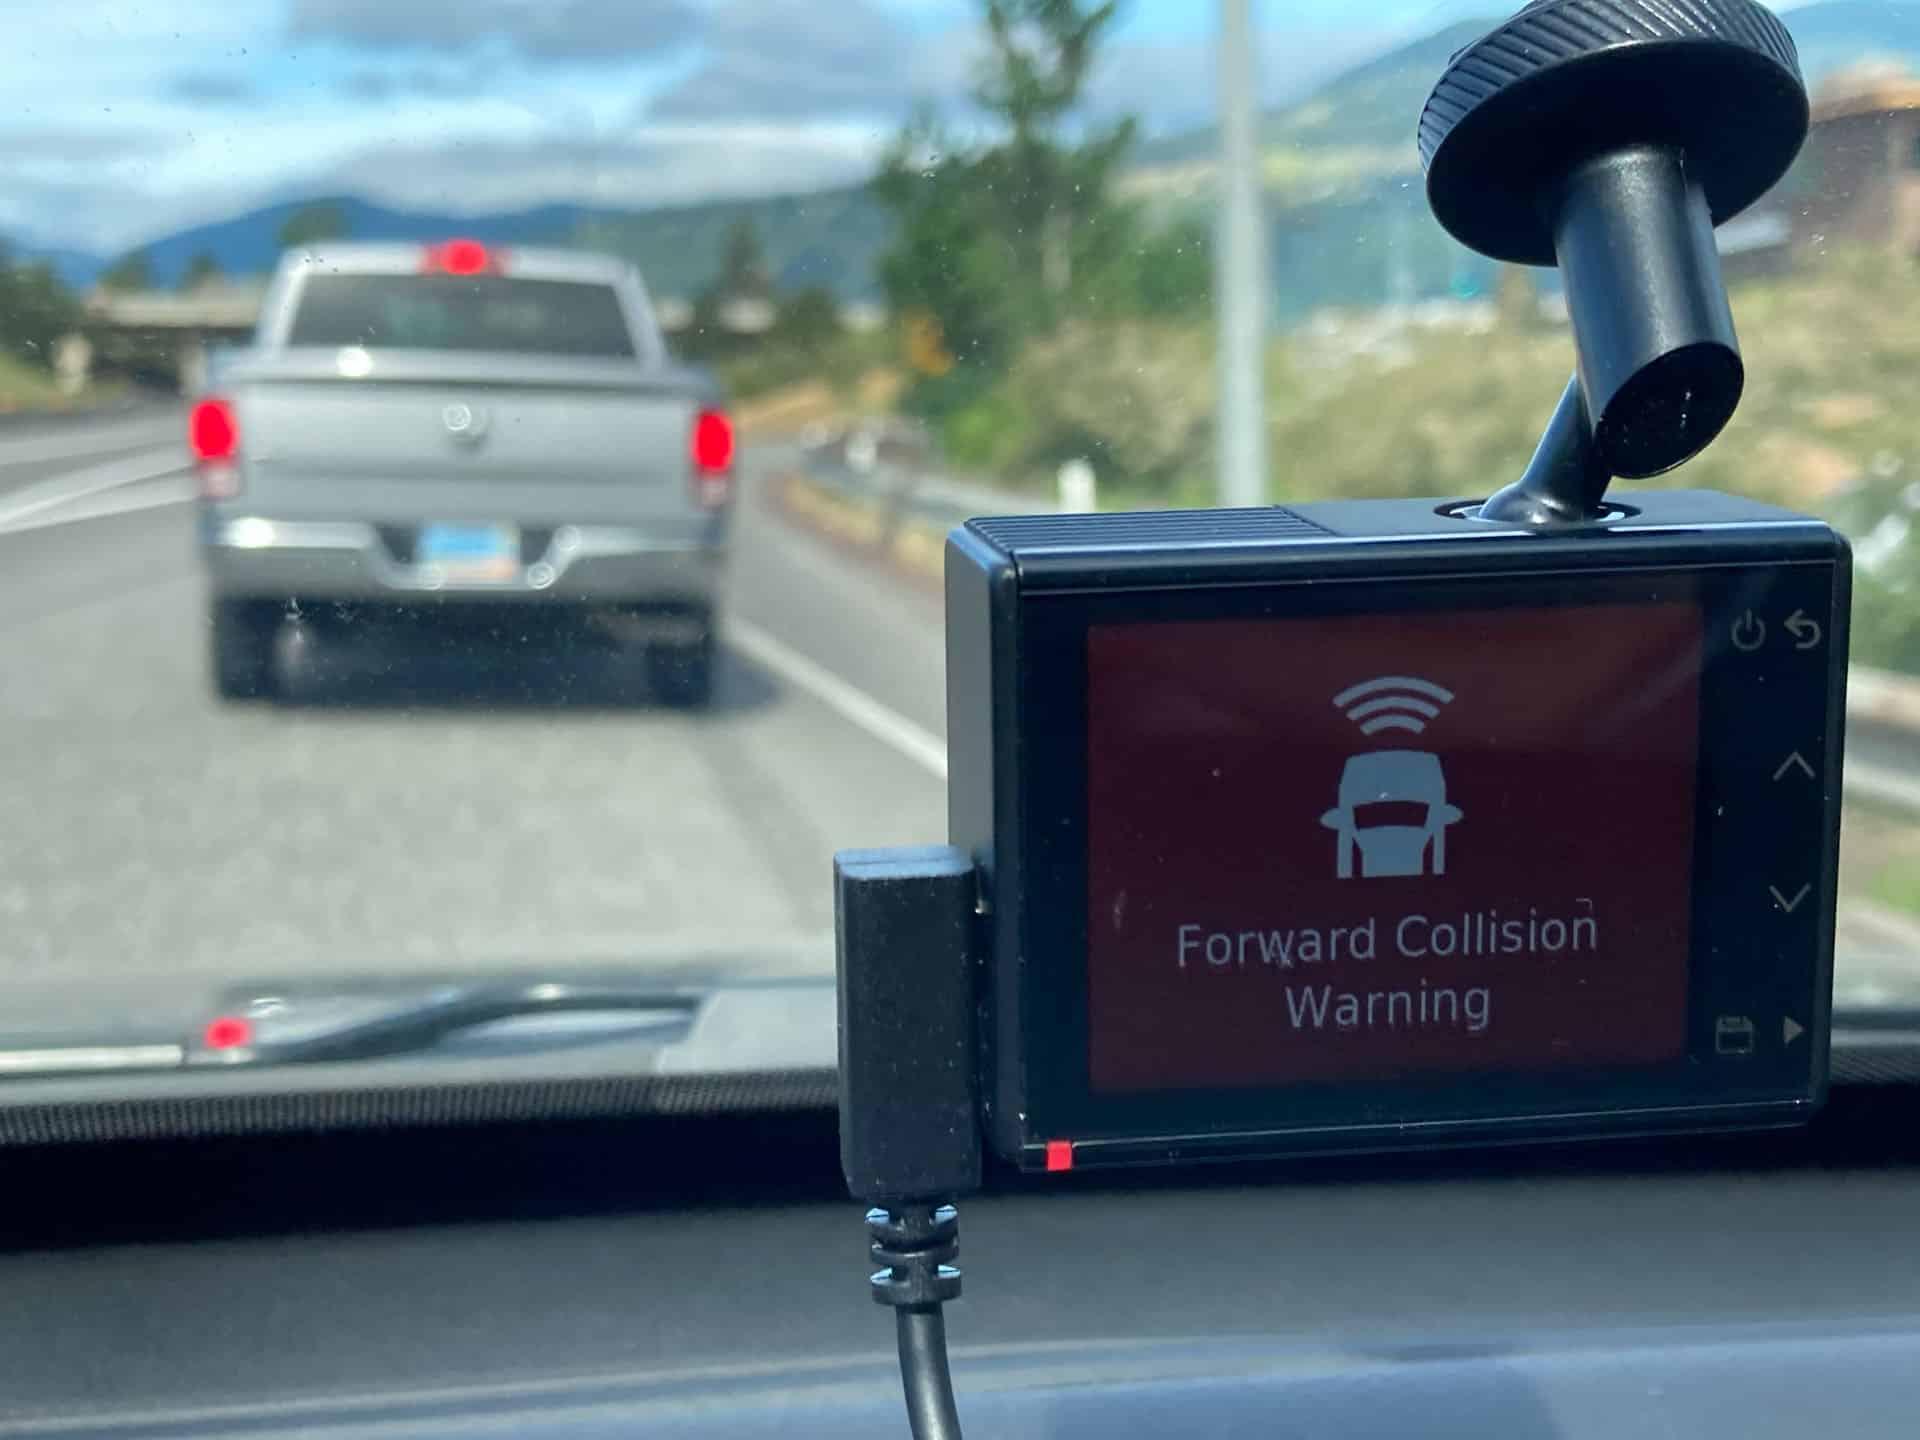 Advertencia de colisión Garmin Dash Cam 66W